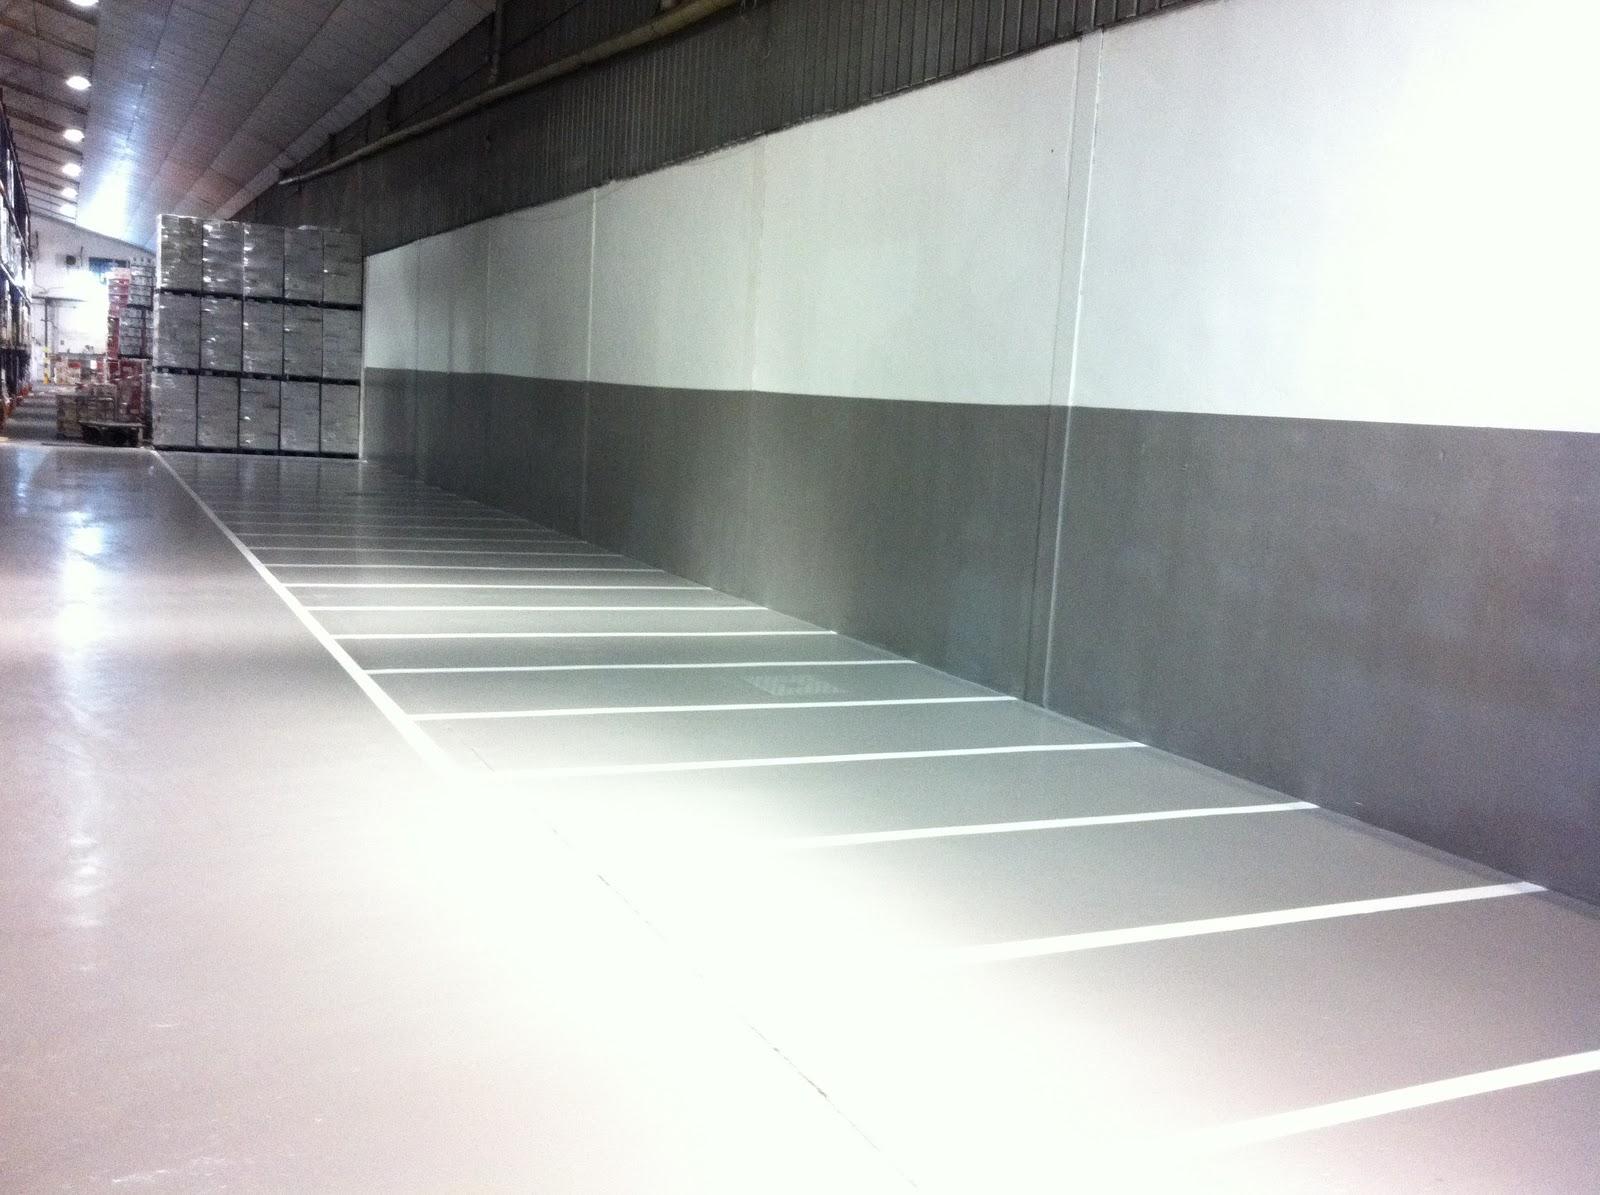 Pintar suelos pintura para suelos dscolor - Pintura de suelos ...